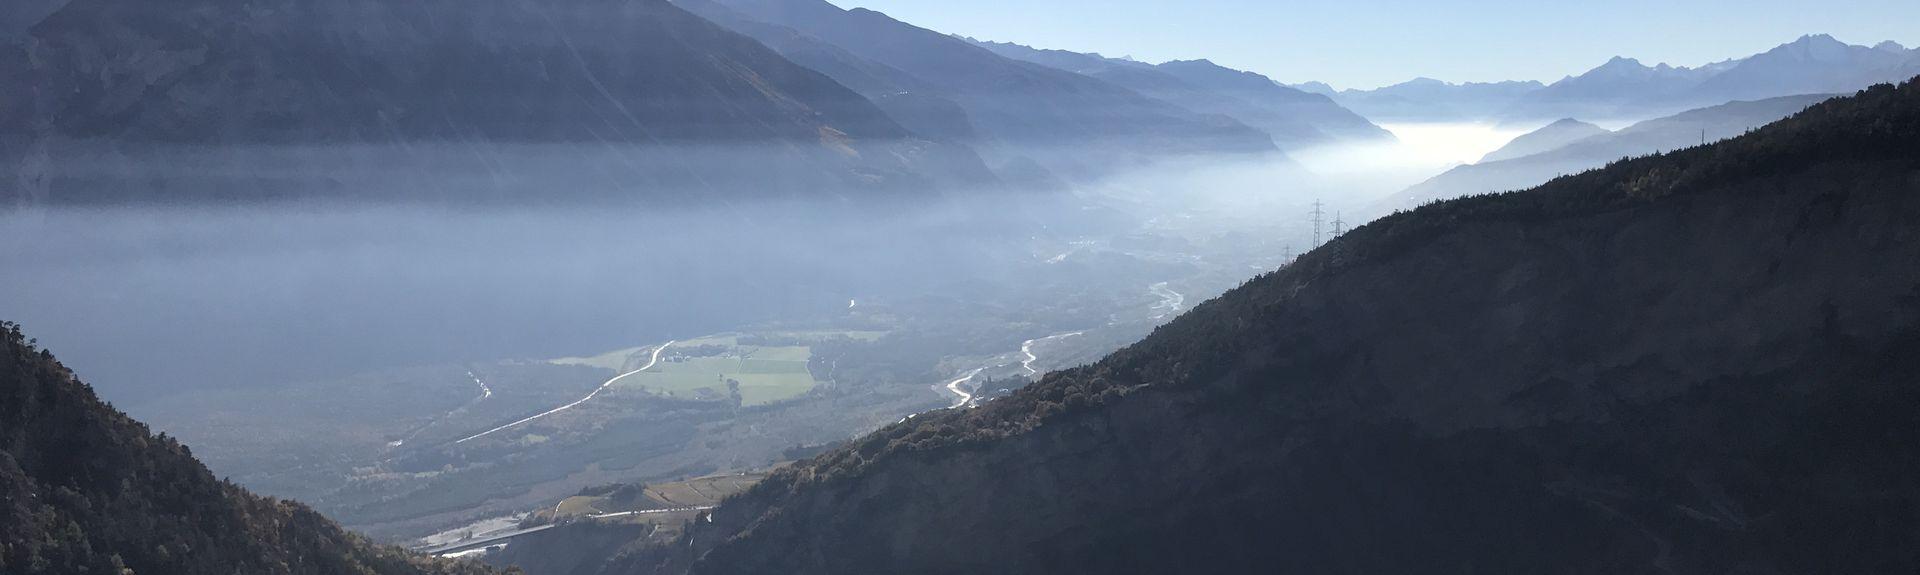 Lauchernalp, Kippel, Visp, Valais, Switzerland